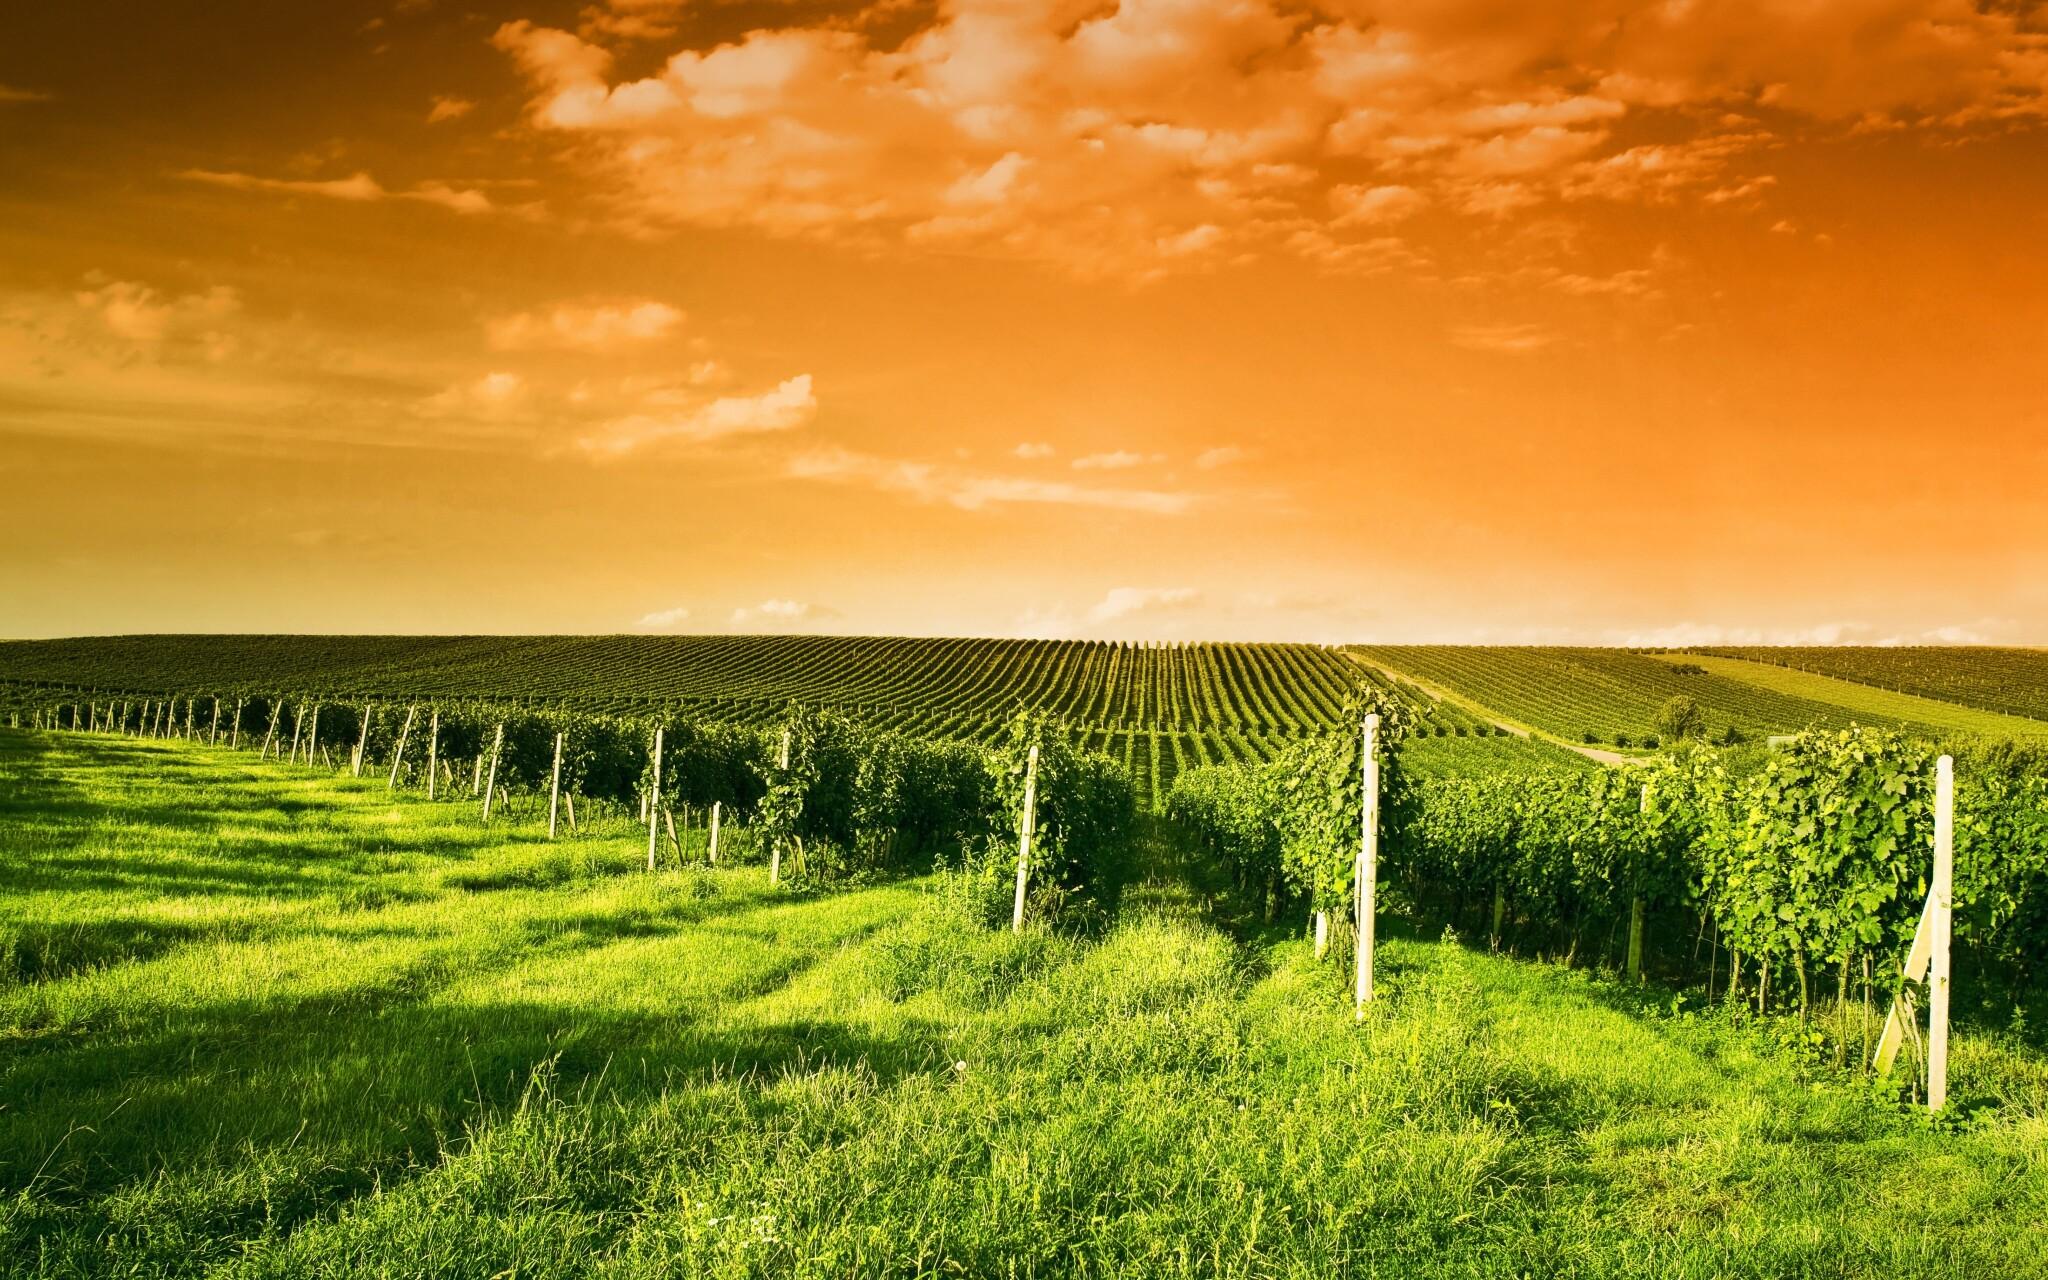 Vydejte se na procházku po okolí plném vinic